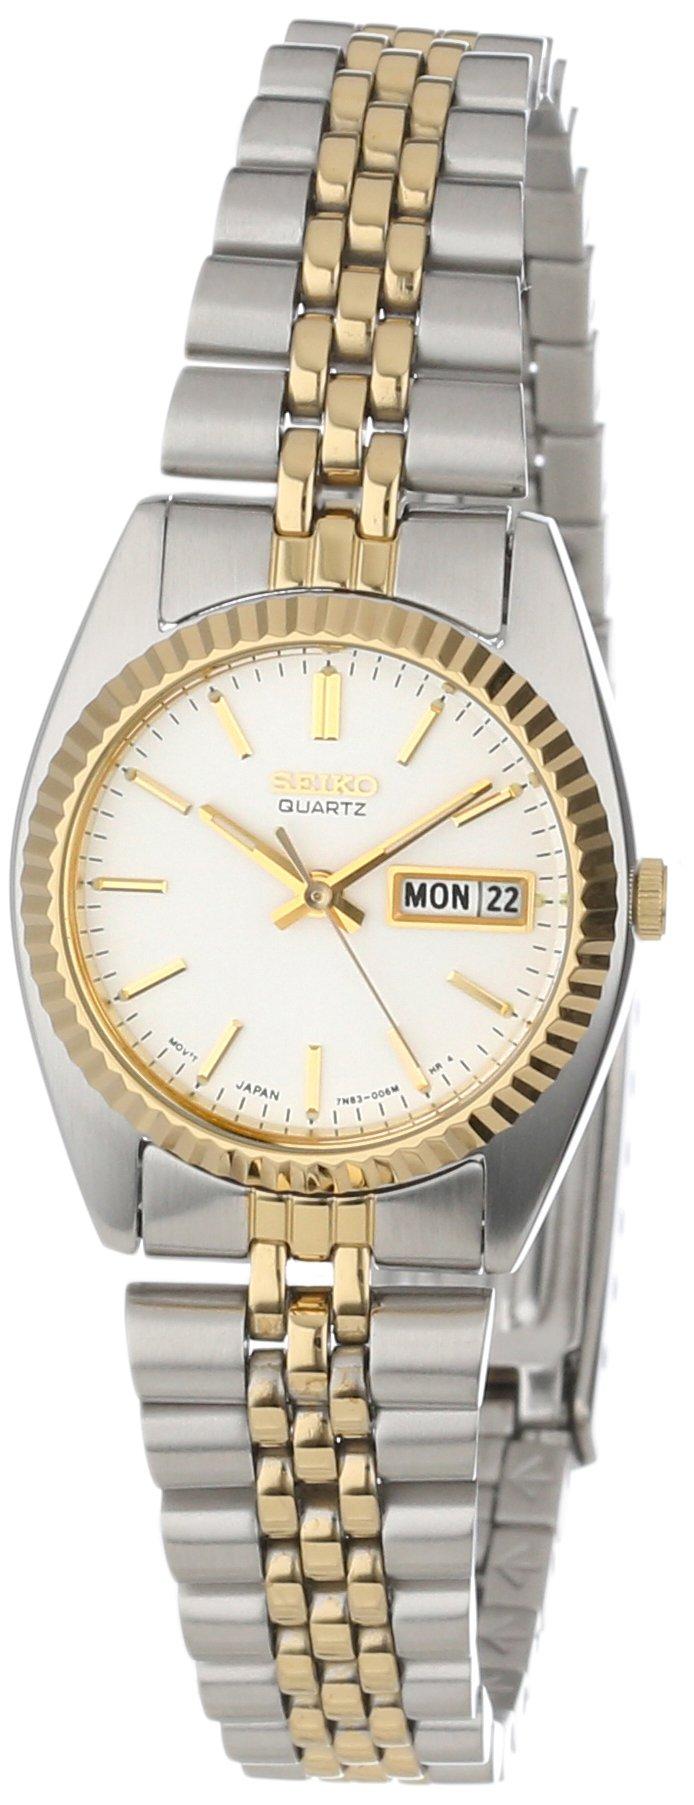 Seiko Women's SWZ054 Two-Tone Dress Watch